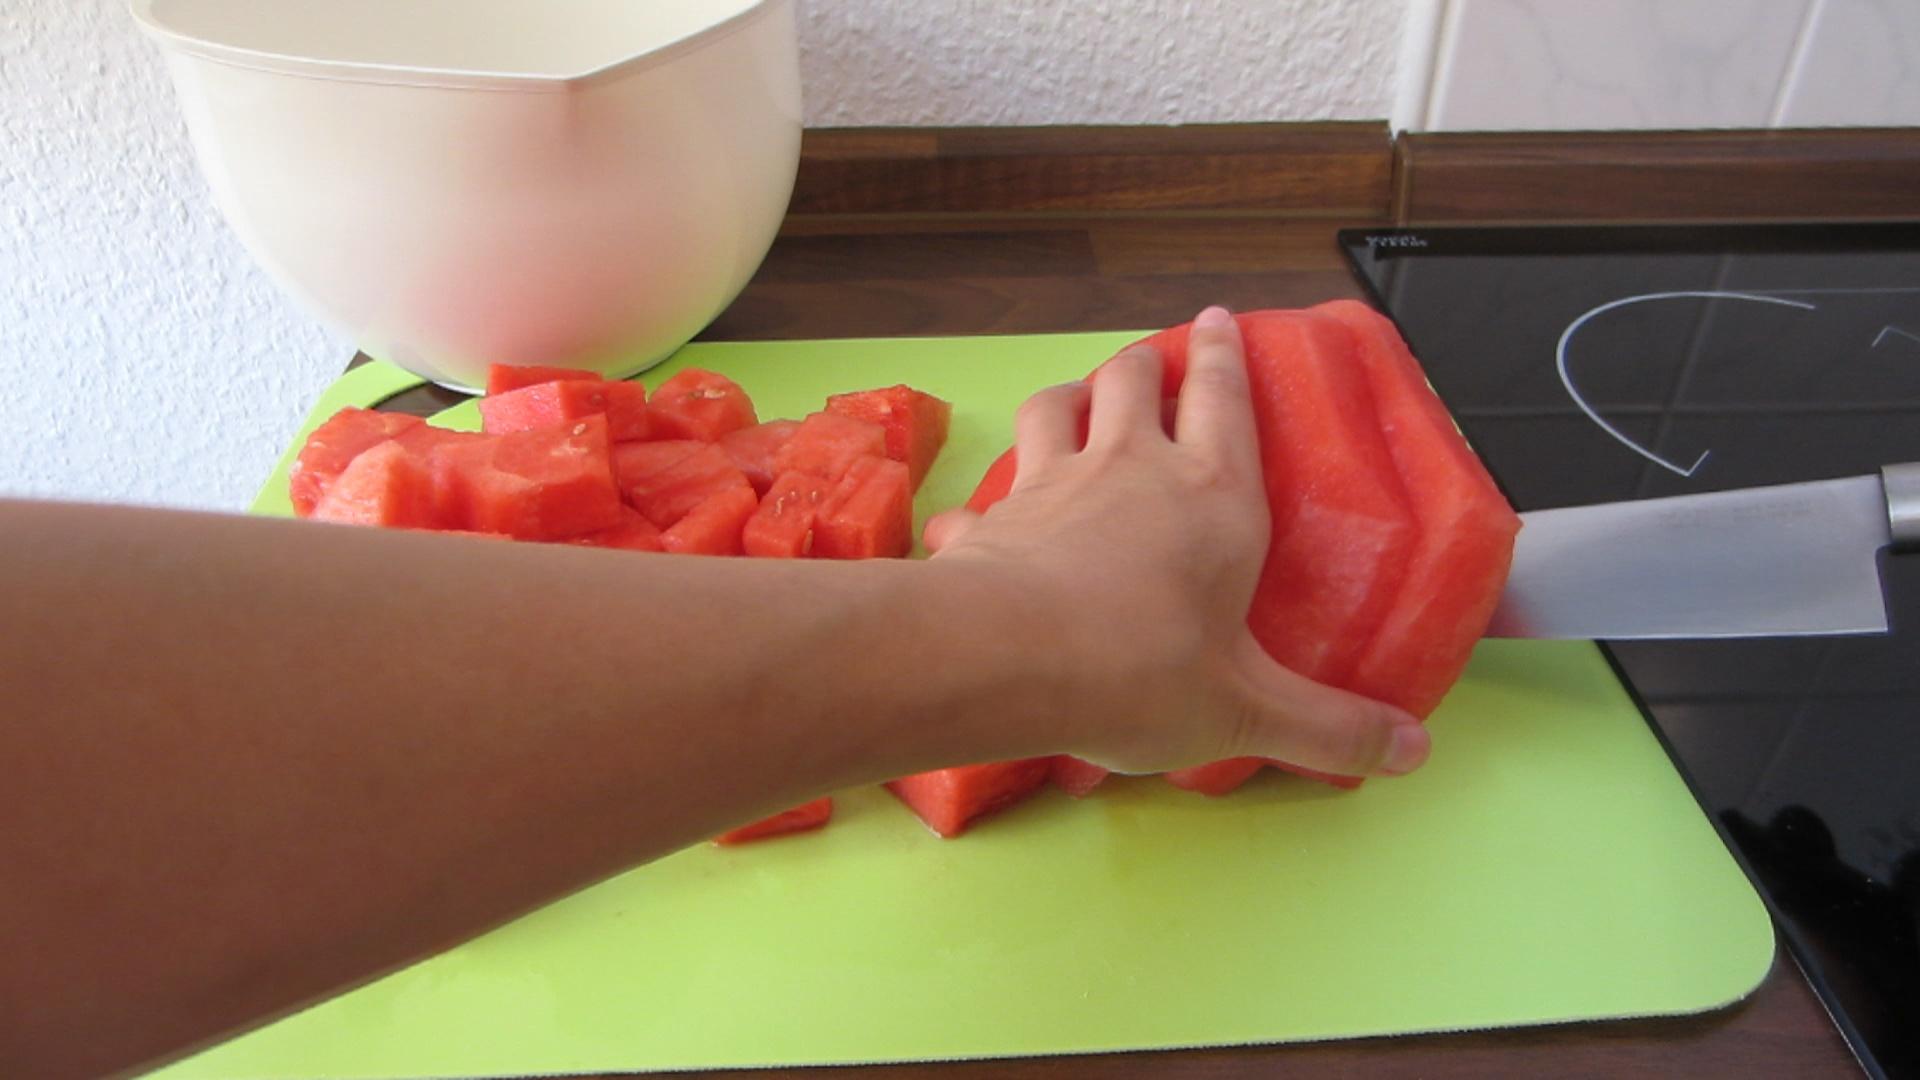 2014-07-18-Wassermelonen-Getränk-13.jpg